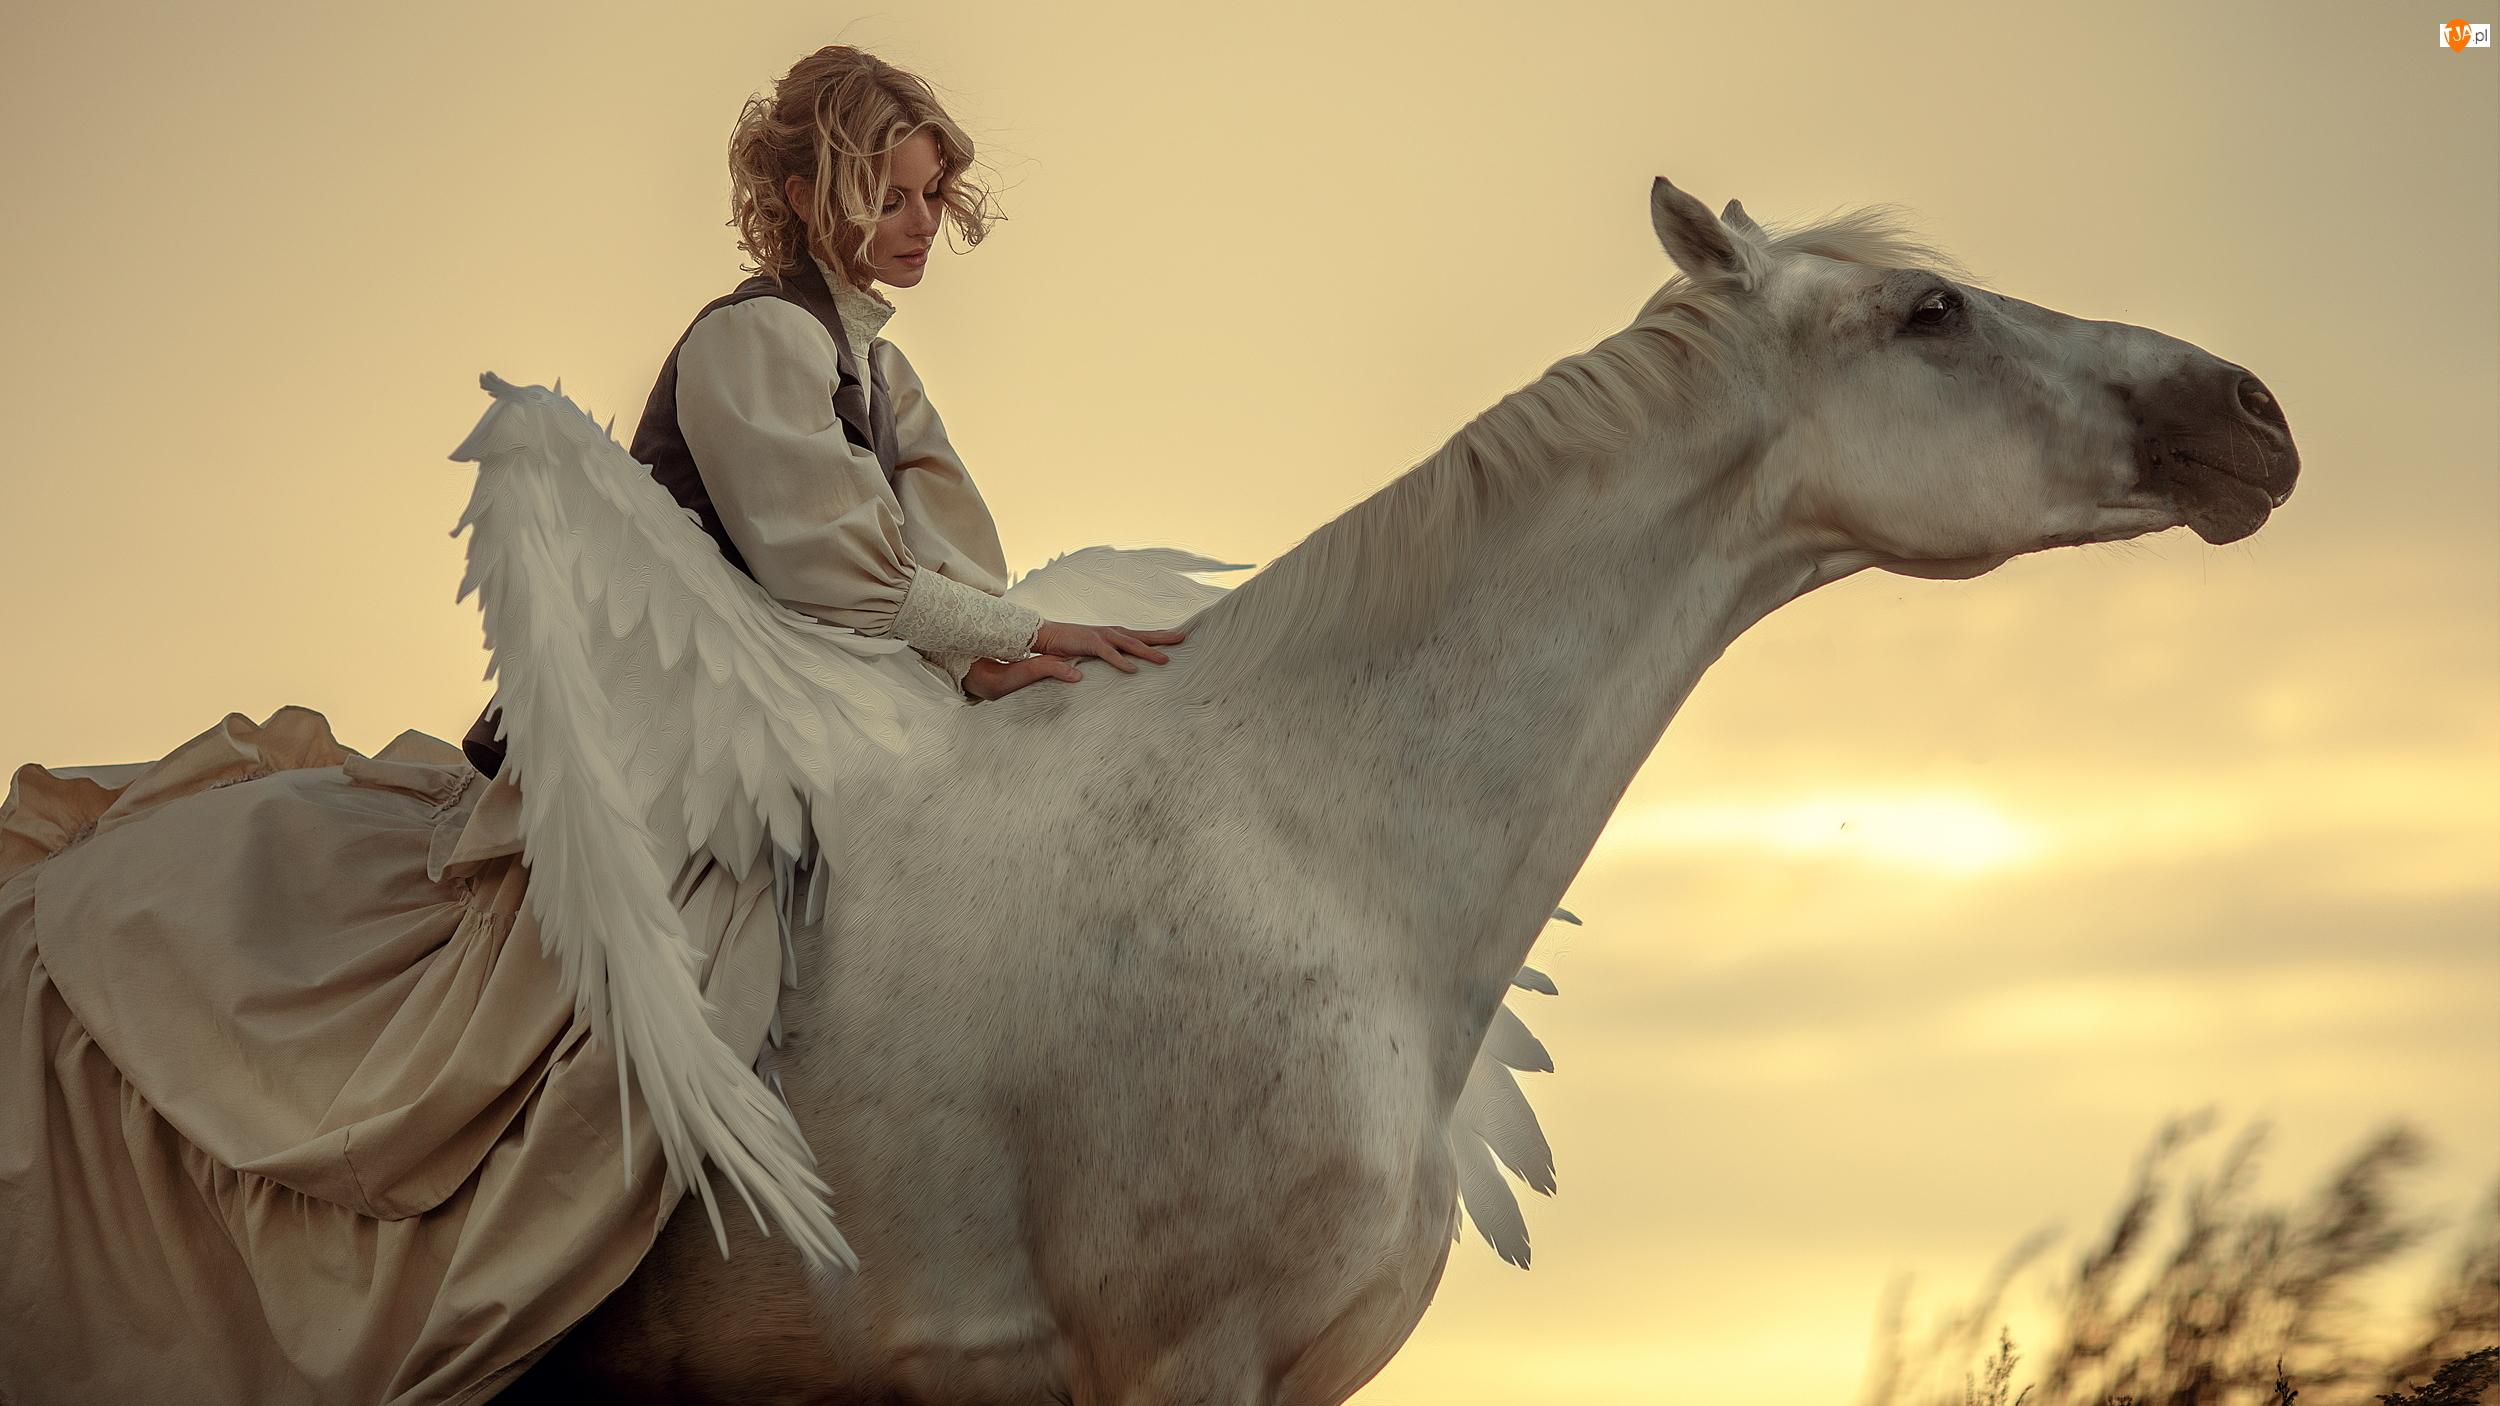 Blondynka, Kobieta, Koń, Pegaz, Biały, Skrzydła